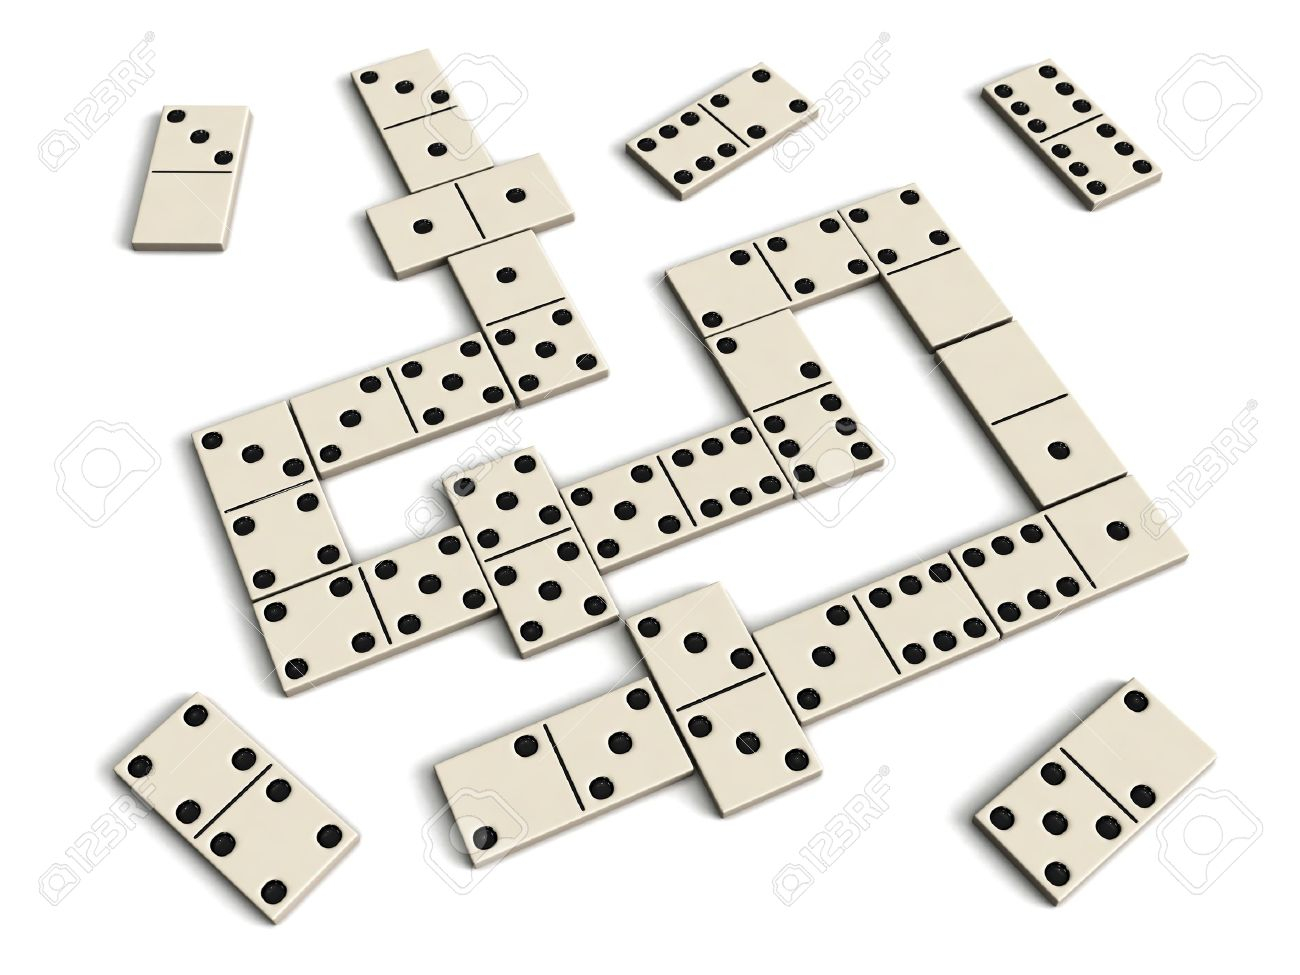 Jeu De Dominos - Dominos Blancs Isolés Sur Fond Blanc intérieur Jeu Du Domino